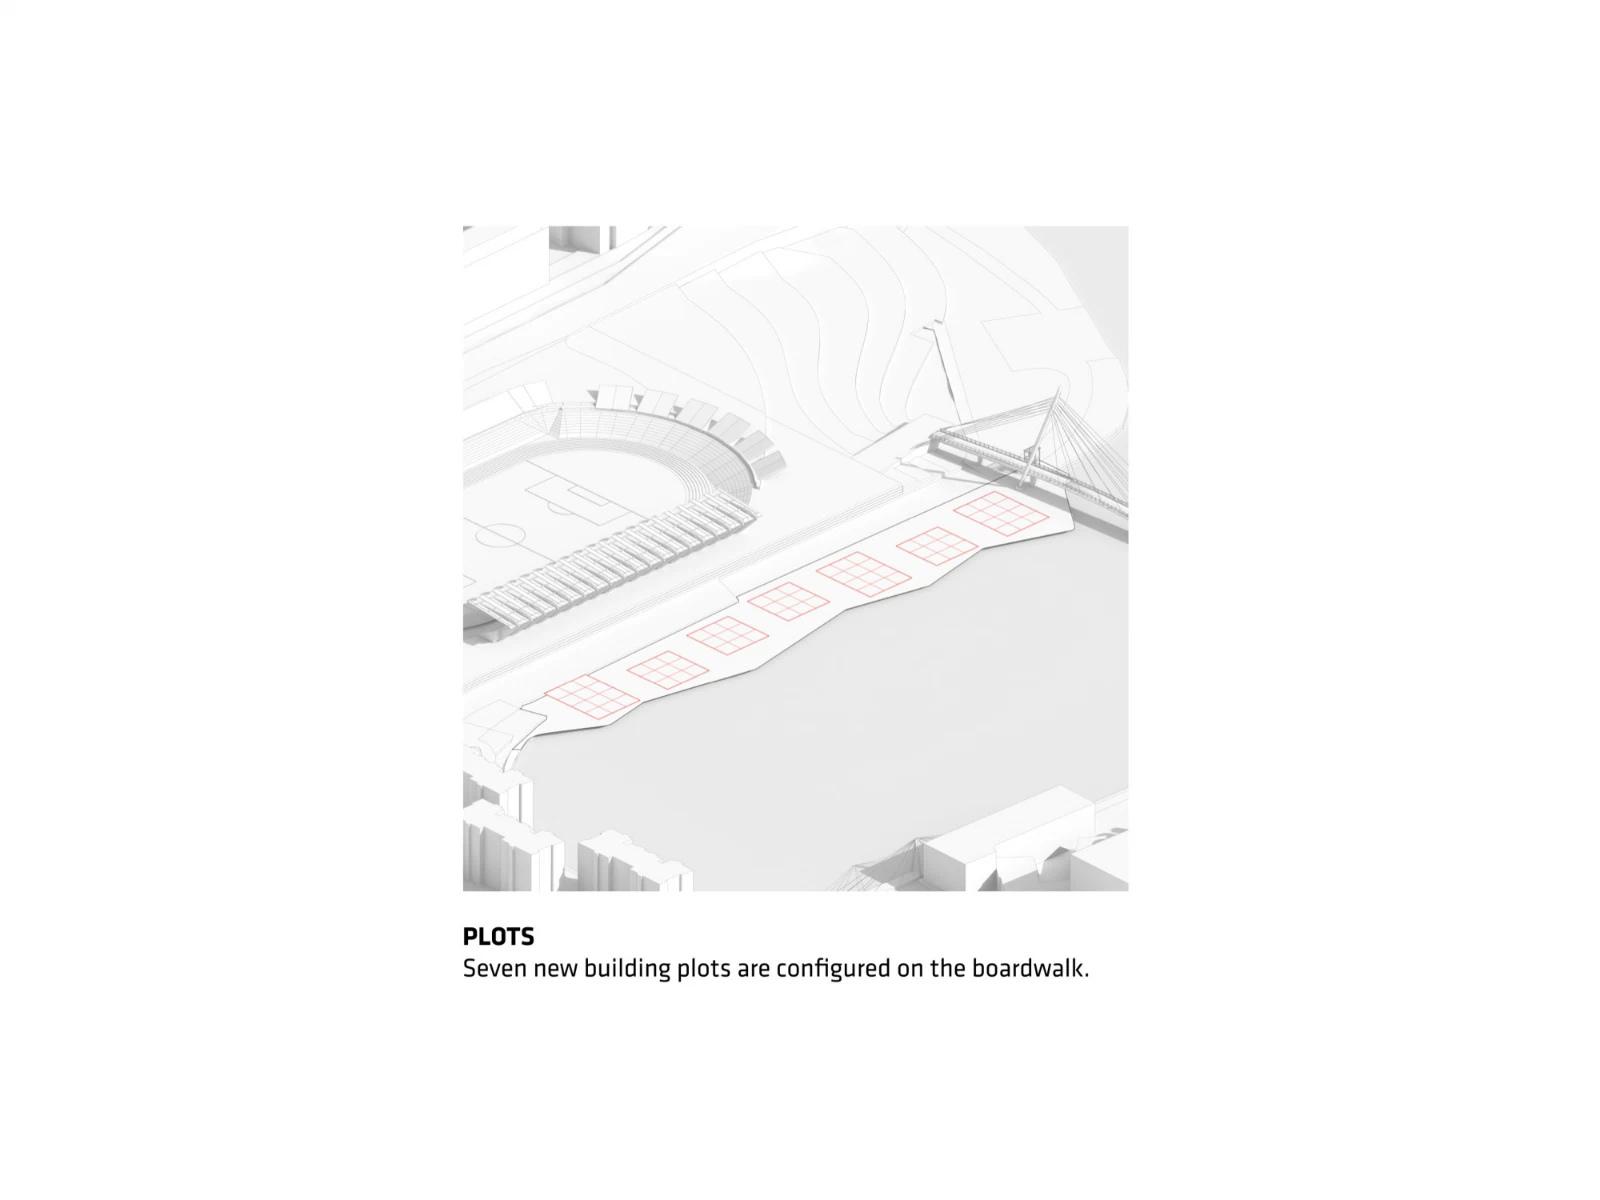 住宅设计—从概念到设计 (17)